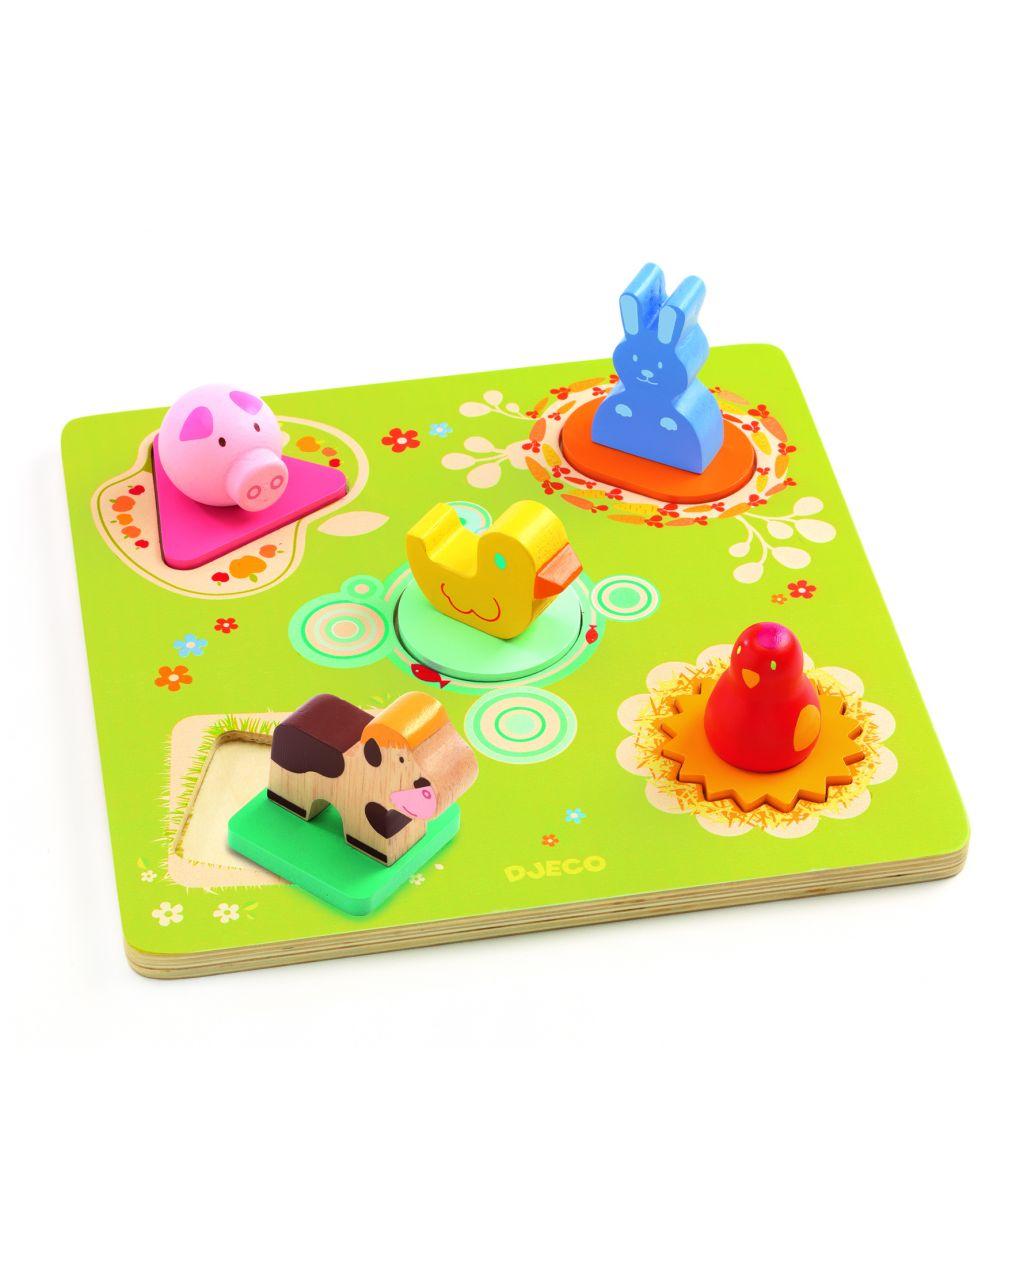 Djeco - bildi - puzzle legno - Djeco